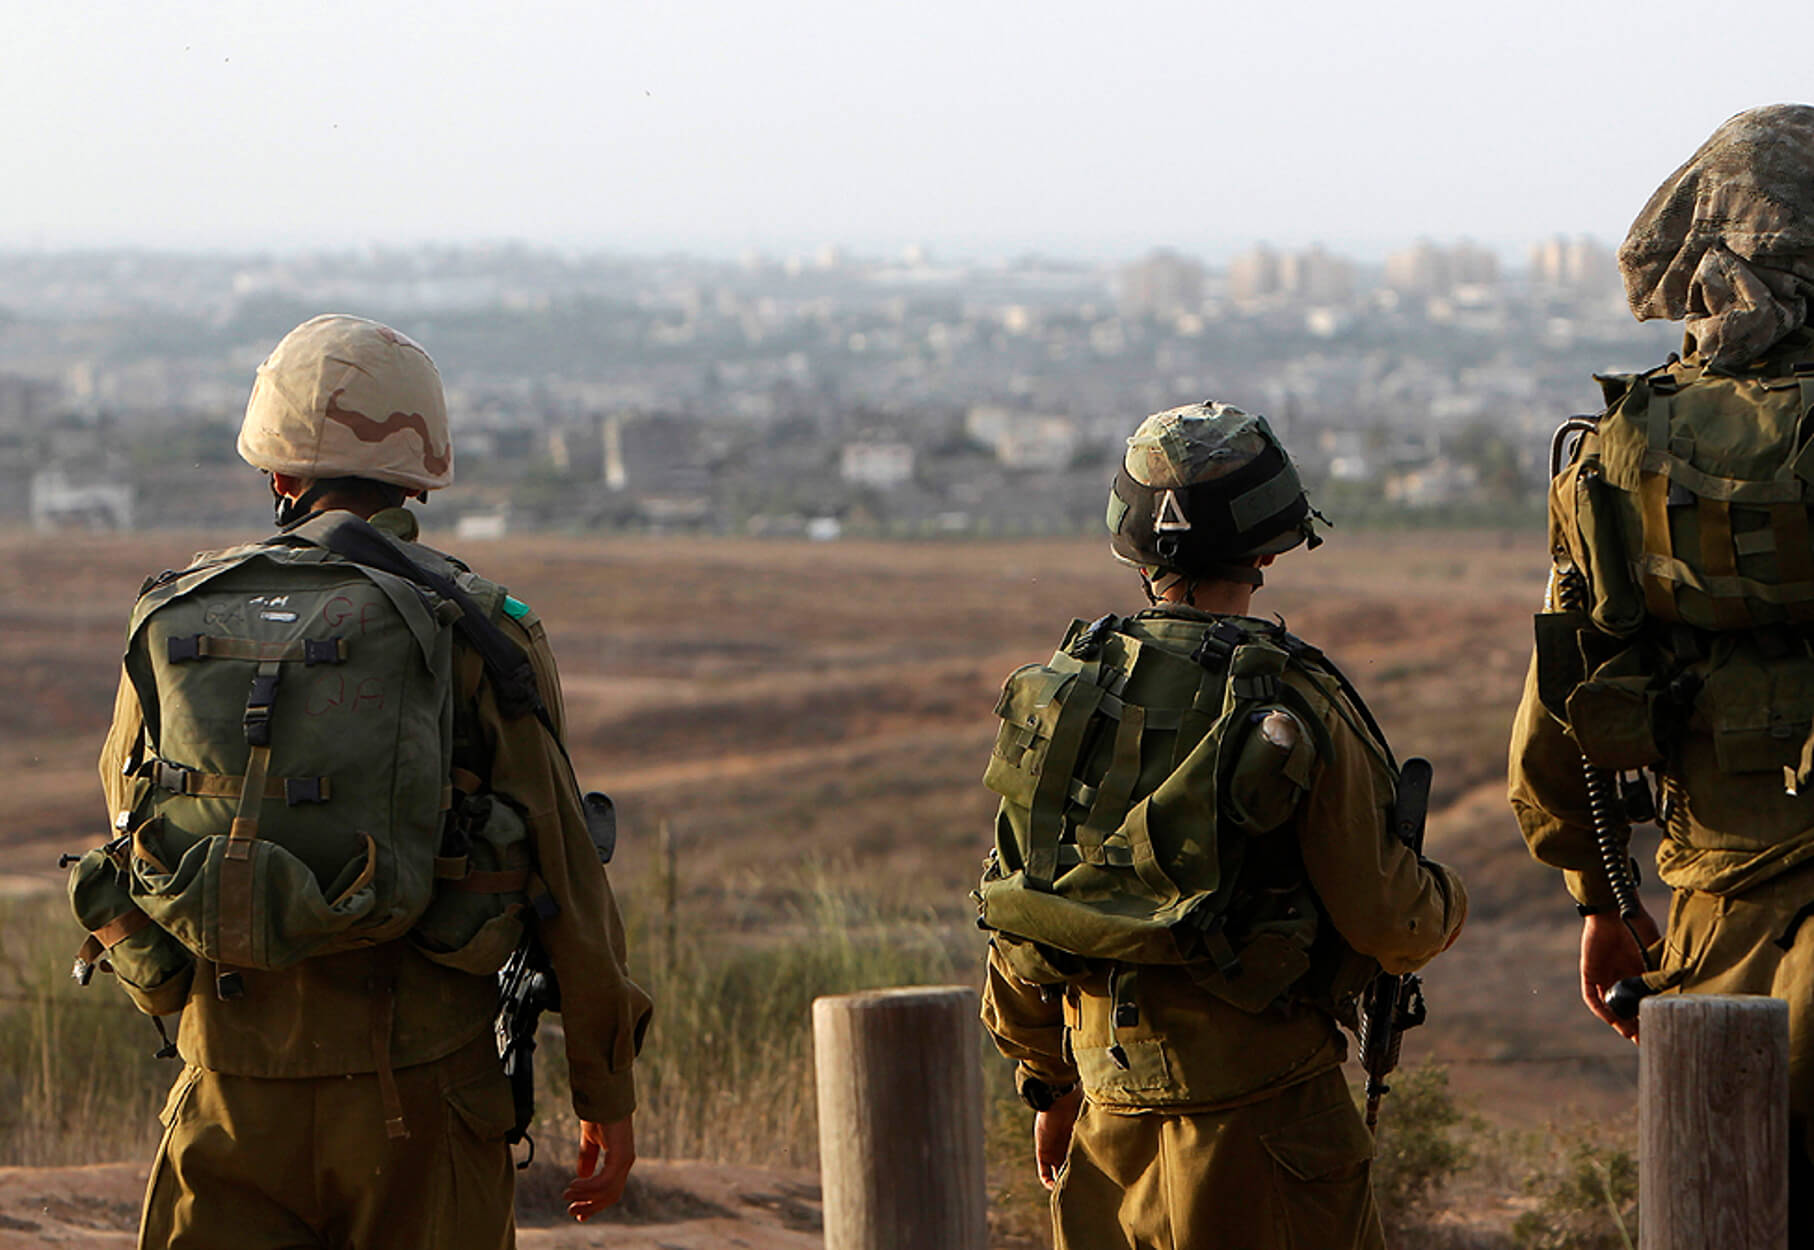 Γερμανία: Σε διαδηλώσεις υπέρ των Ισραηλινών πρακτικών στην Λωρίδα της Γάζας ο Αμερικανός πρέσβης